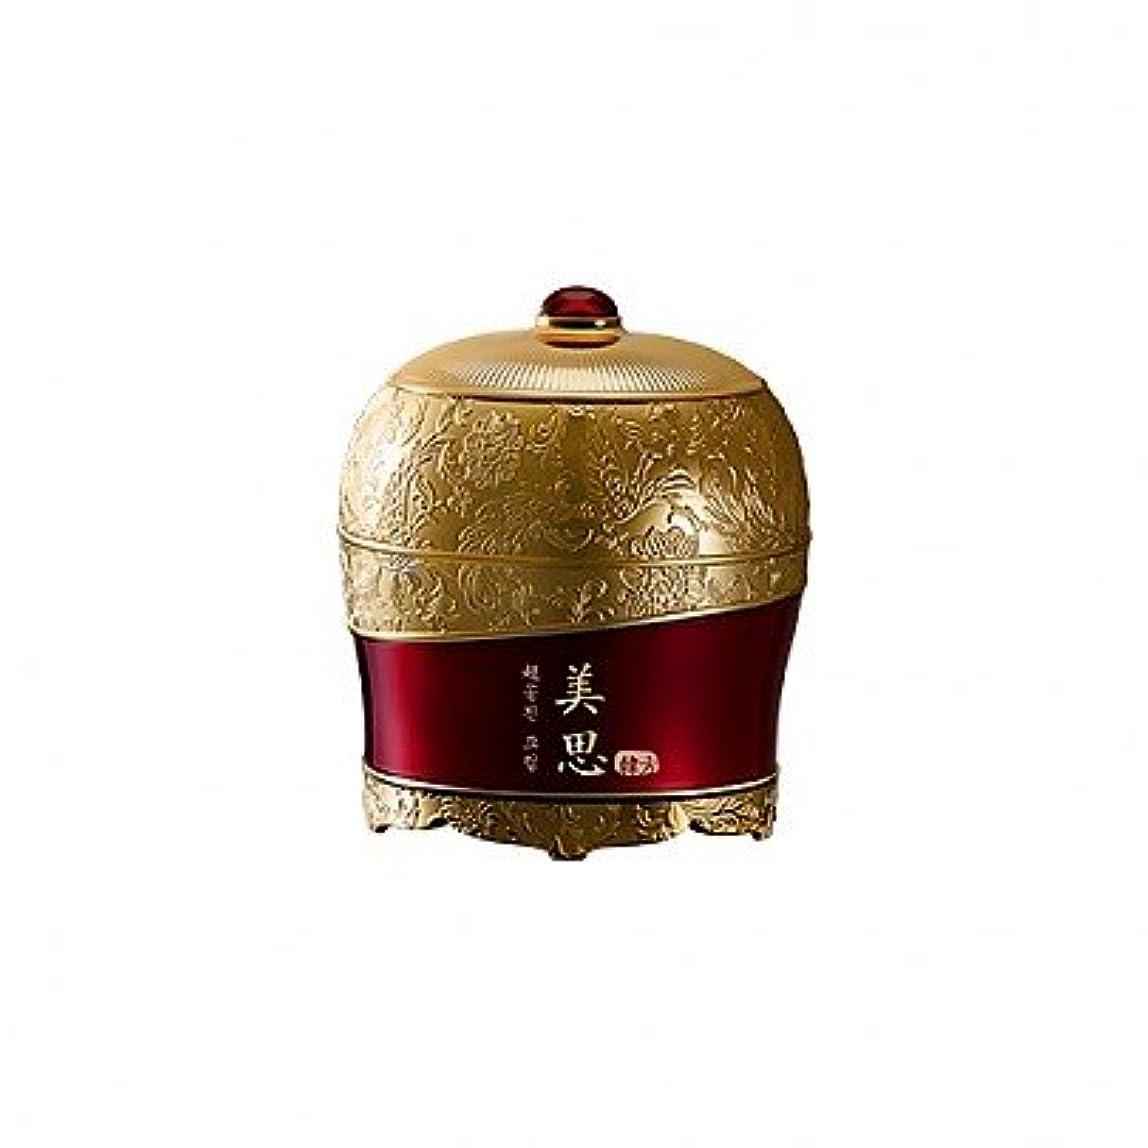 怪物世辞謎MISSHA/ミシャ チョゴンジン クリーム (旧チョボヤン) 60ml[海外直送品]